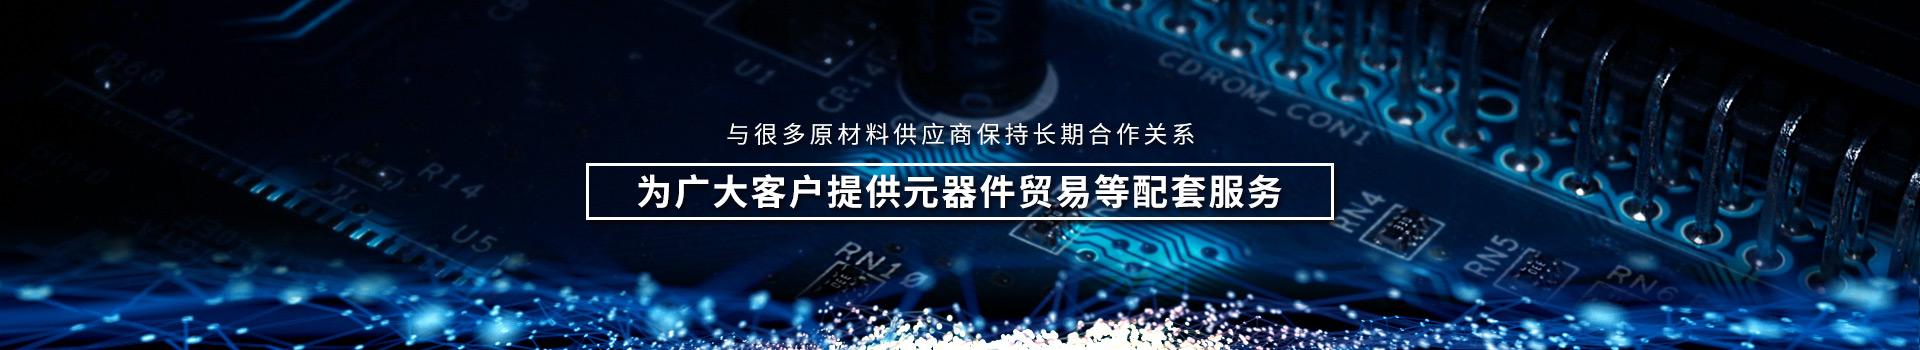 梧集电子,为广大客户提供元器件贸易等配套服务